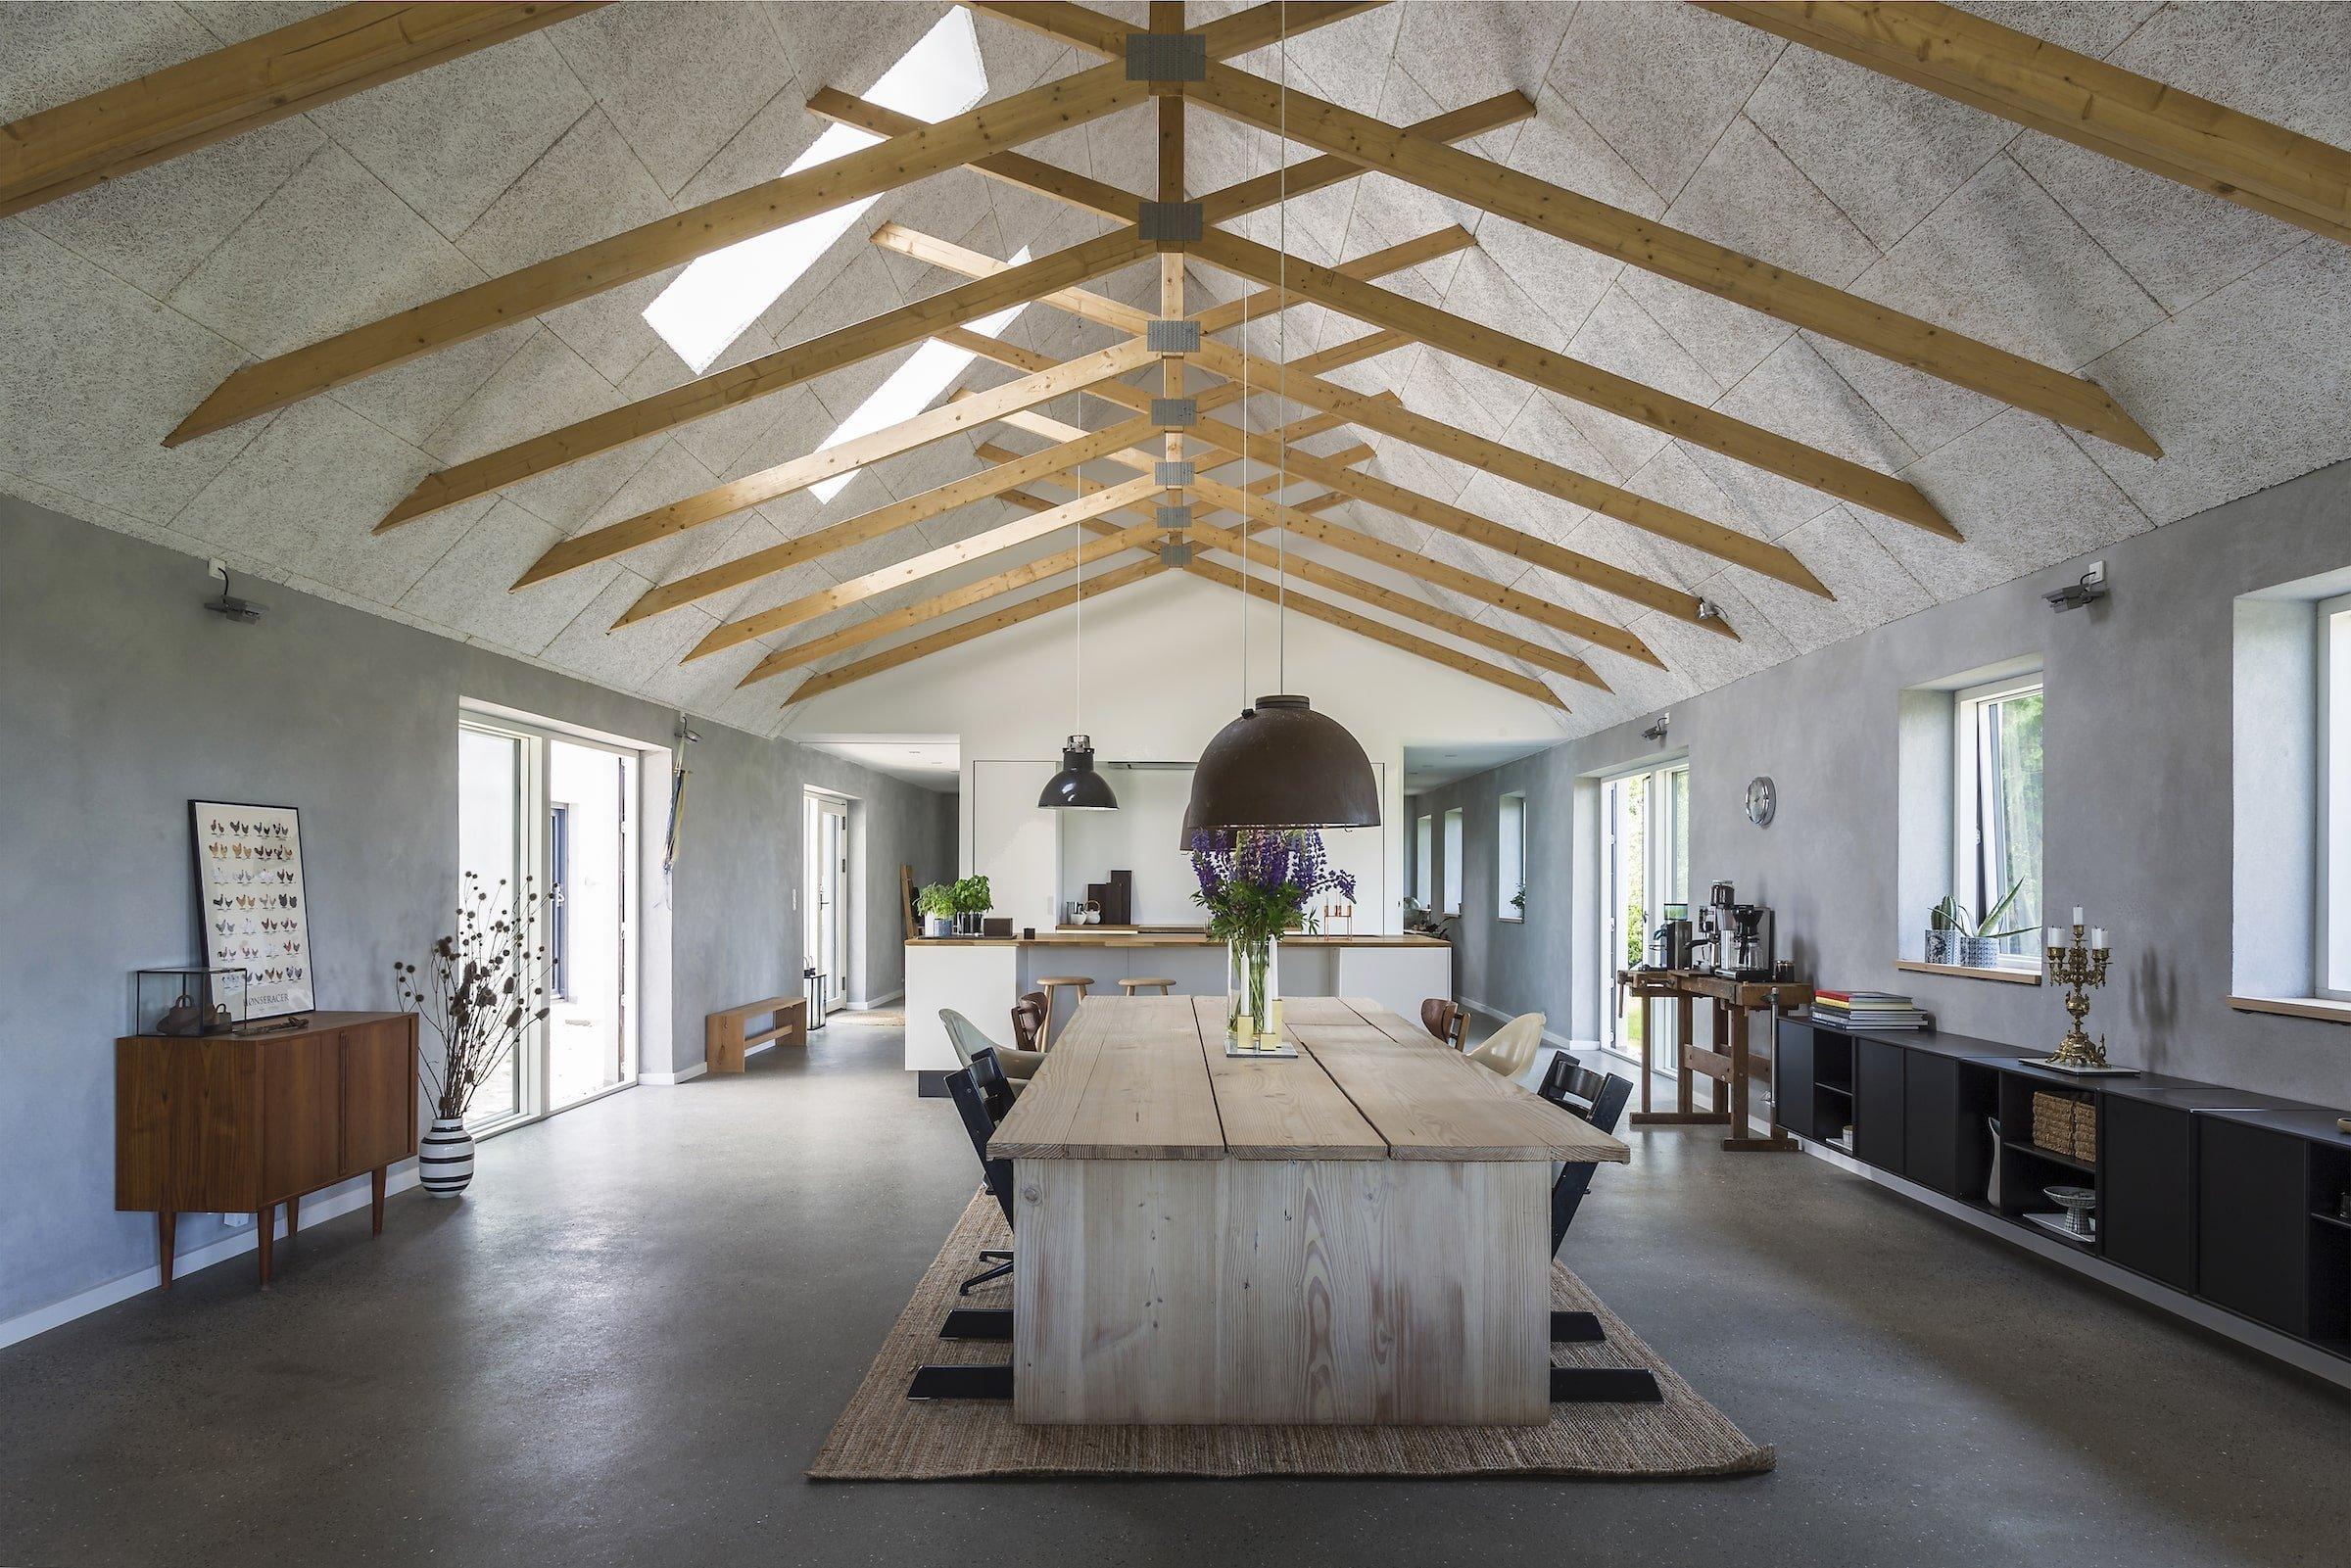 Původní stará farma, která byla několik let na prodej, dostala po celkové rekonstrukci moderní venkovský vzhled. V interiéru se snoubí betonová stěrka s krásou dřeva a úplnými výhledy do okolí.